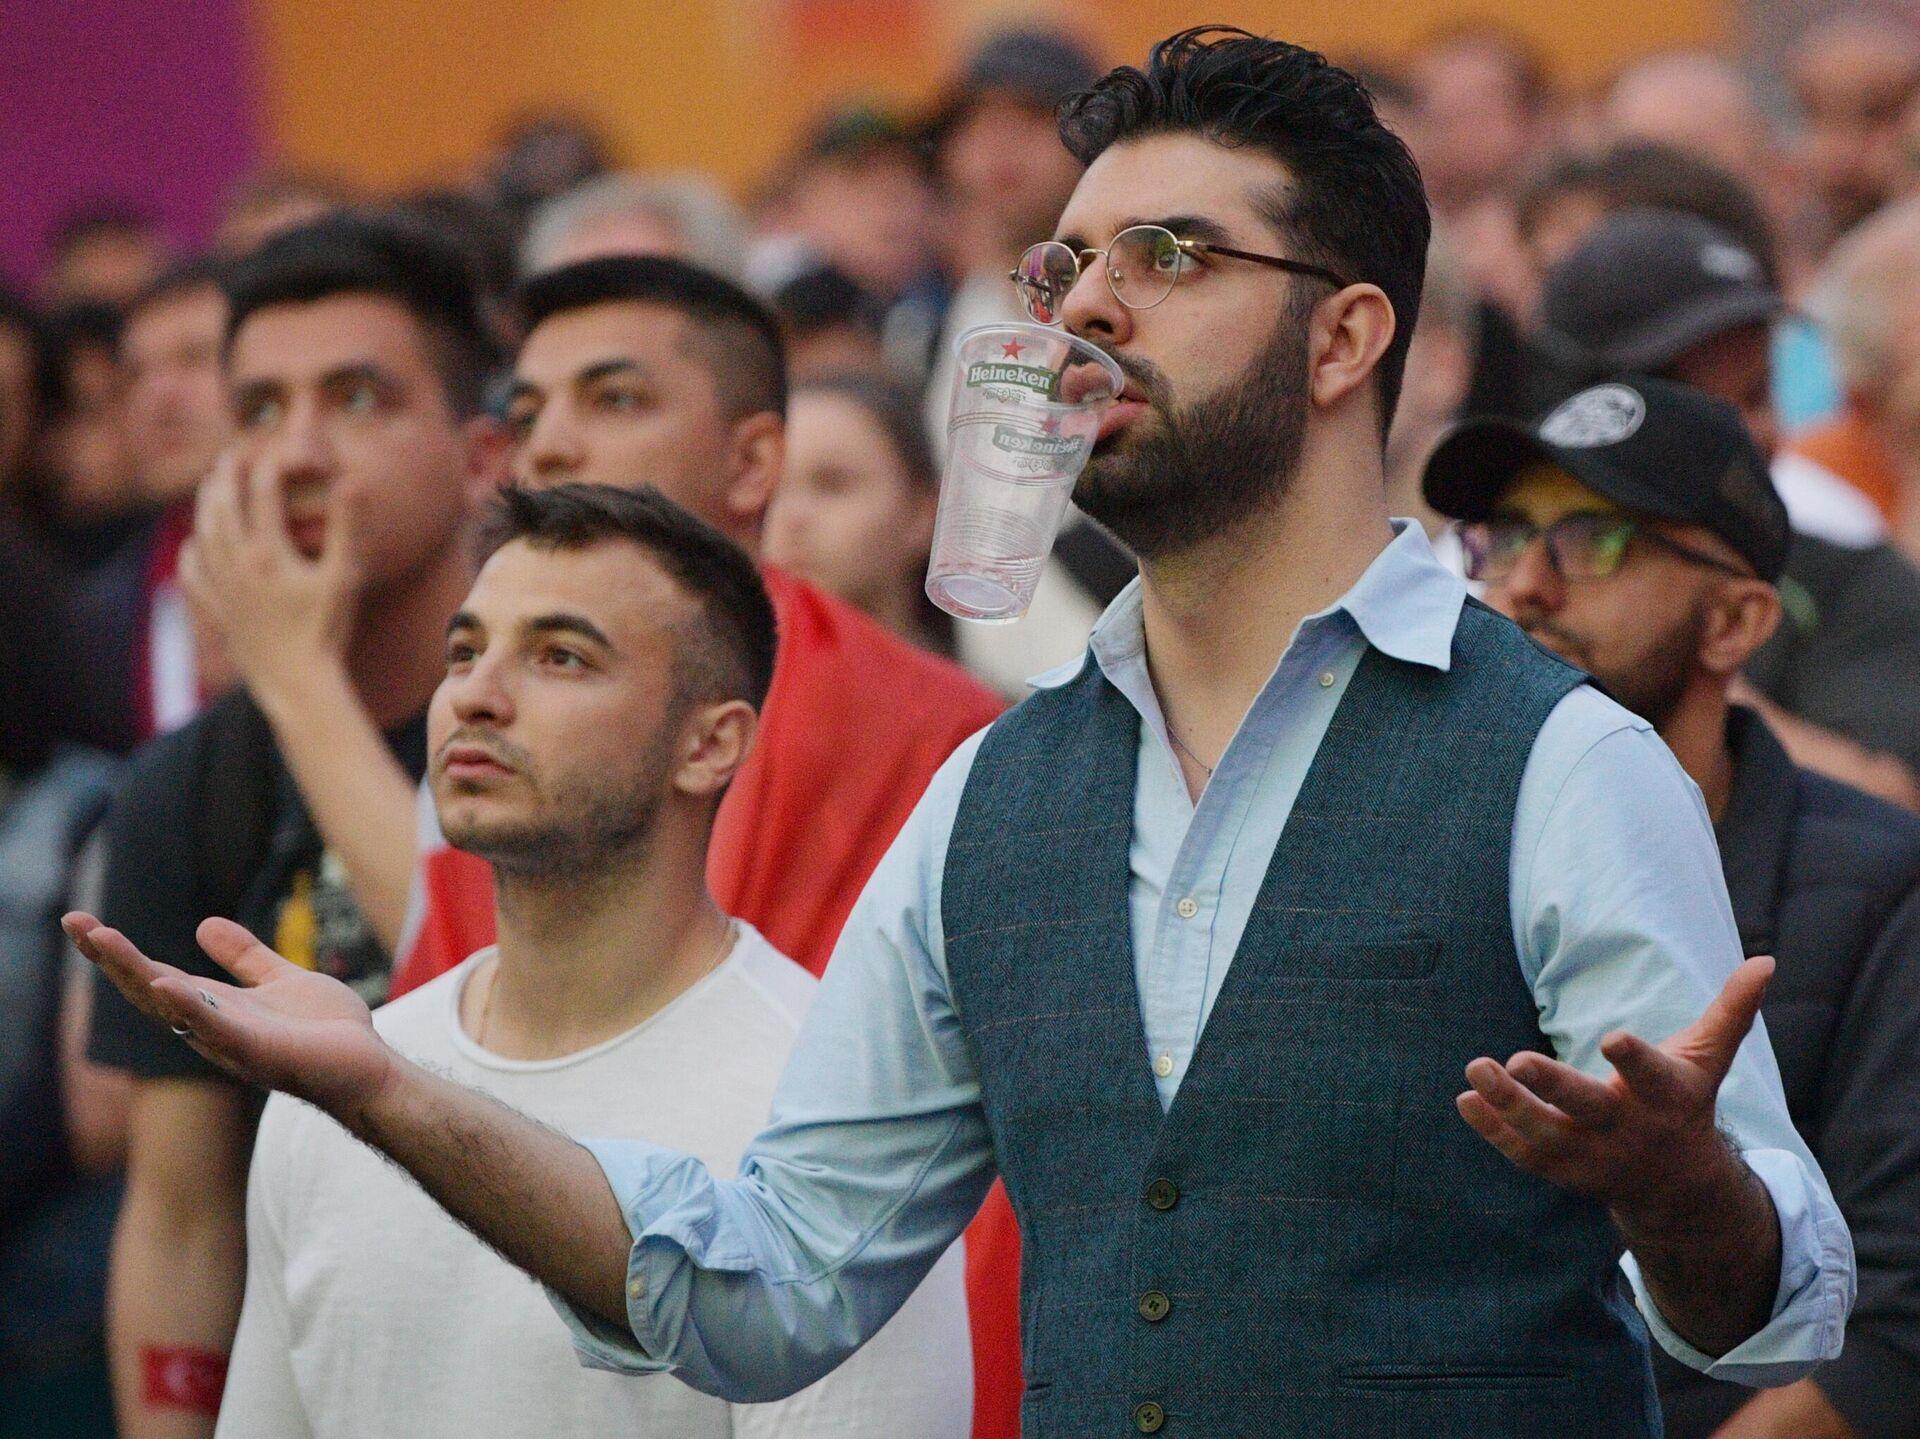 Euro 2020, Turchia - Italia finisce 3-0 per gli Azzurri